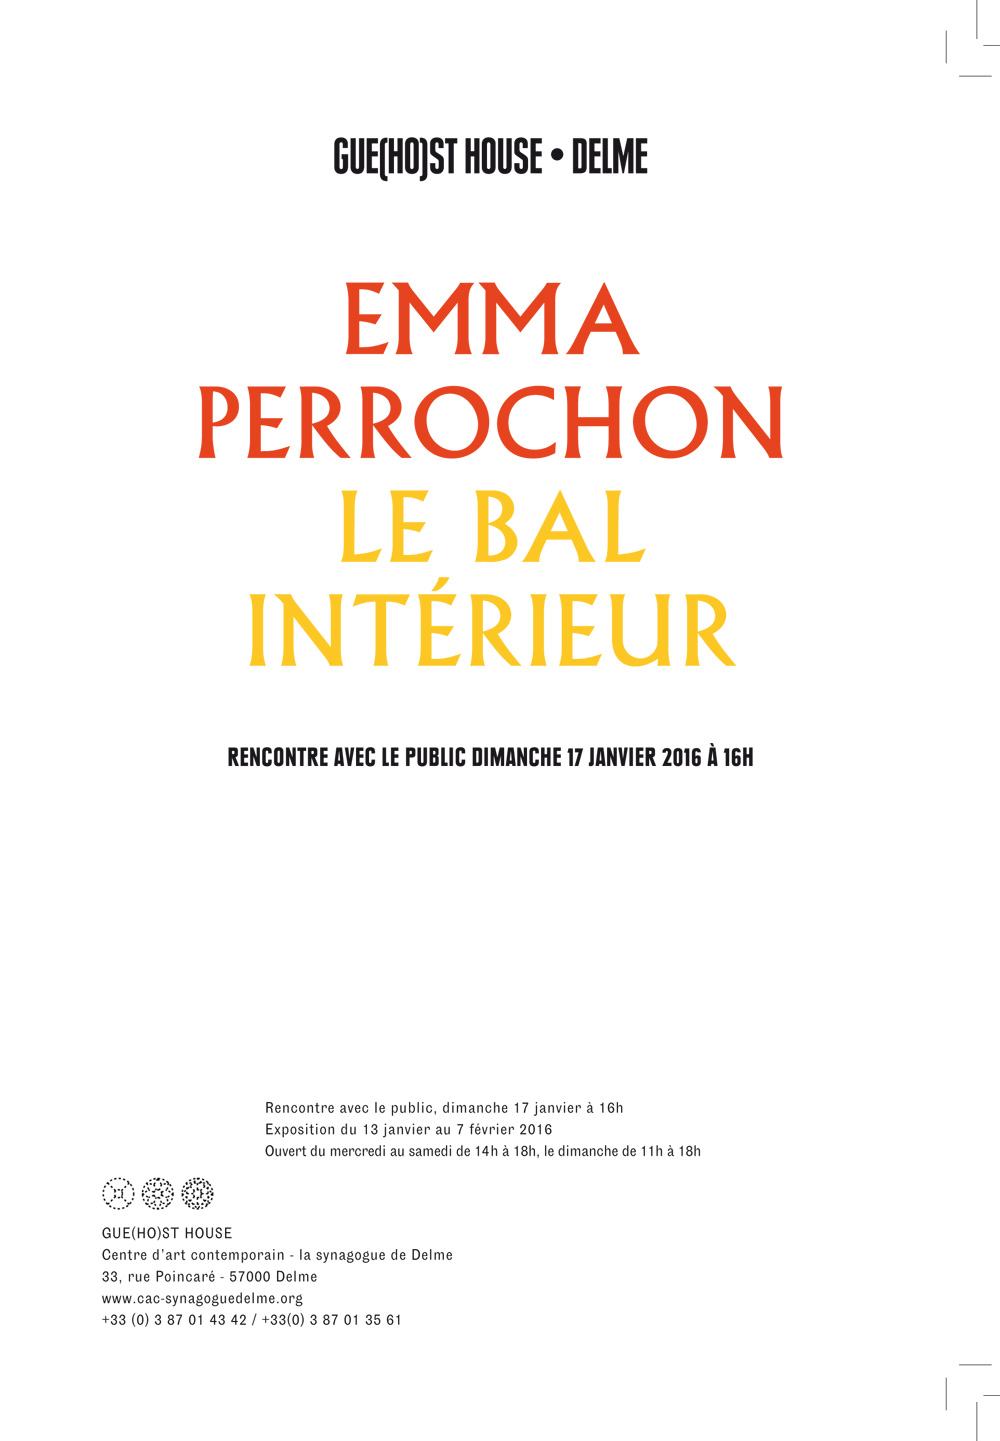 emma-perrochon-cac-delme-ergastule-2016